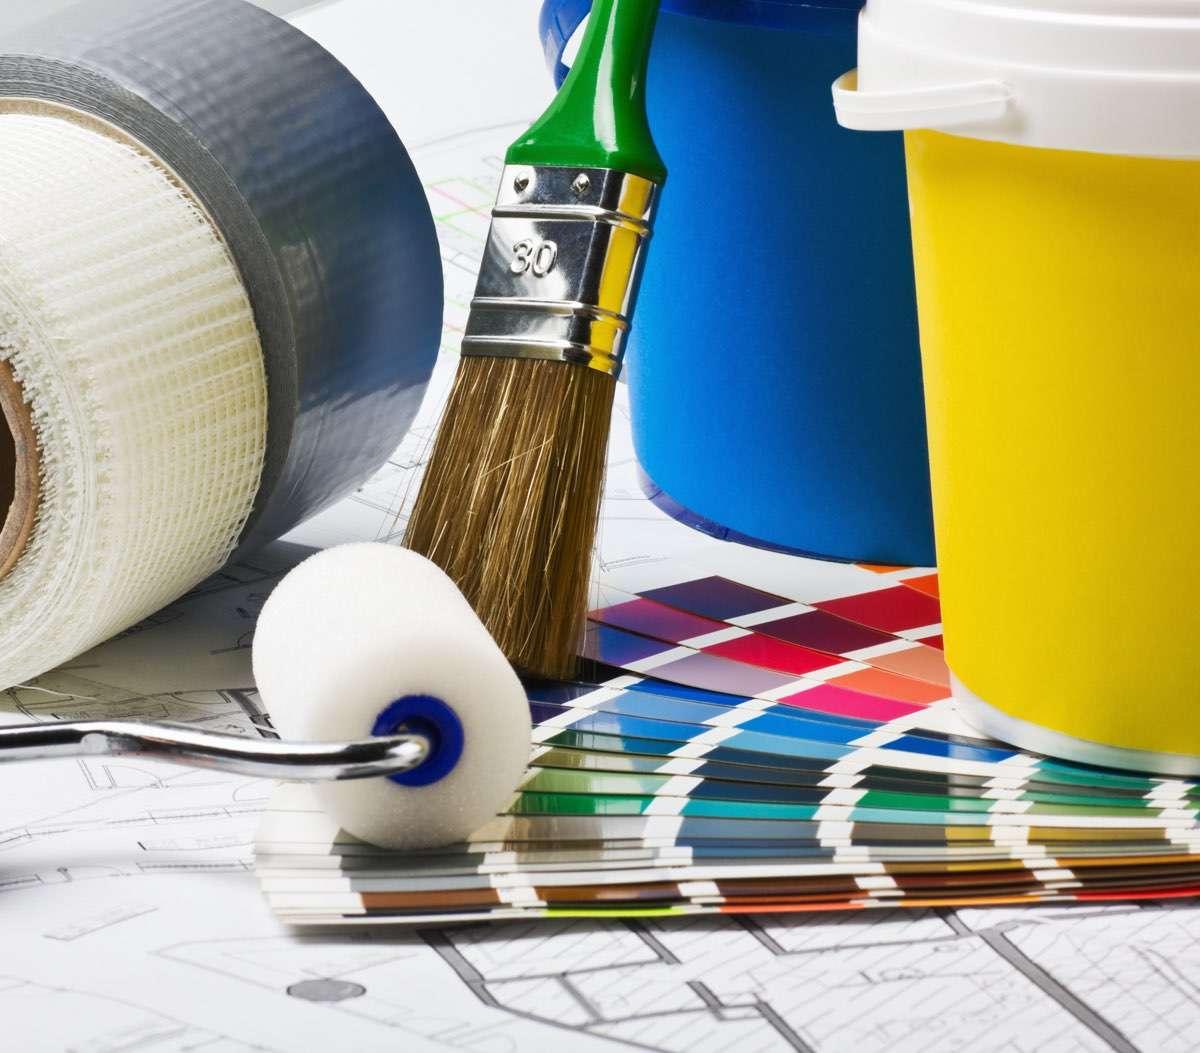 Migliore Marca Pittura Per Esterni pittura idrorepellente: quando e perché conviene sceglierla